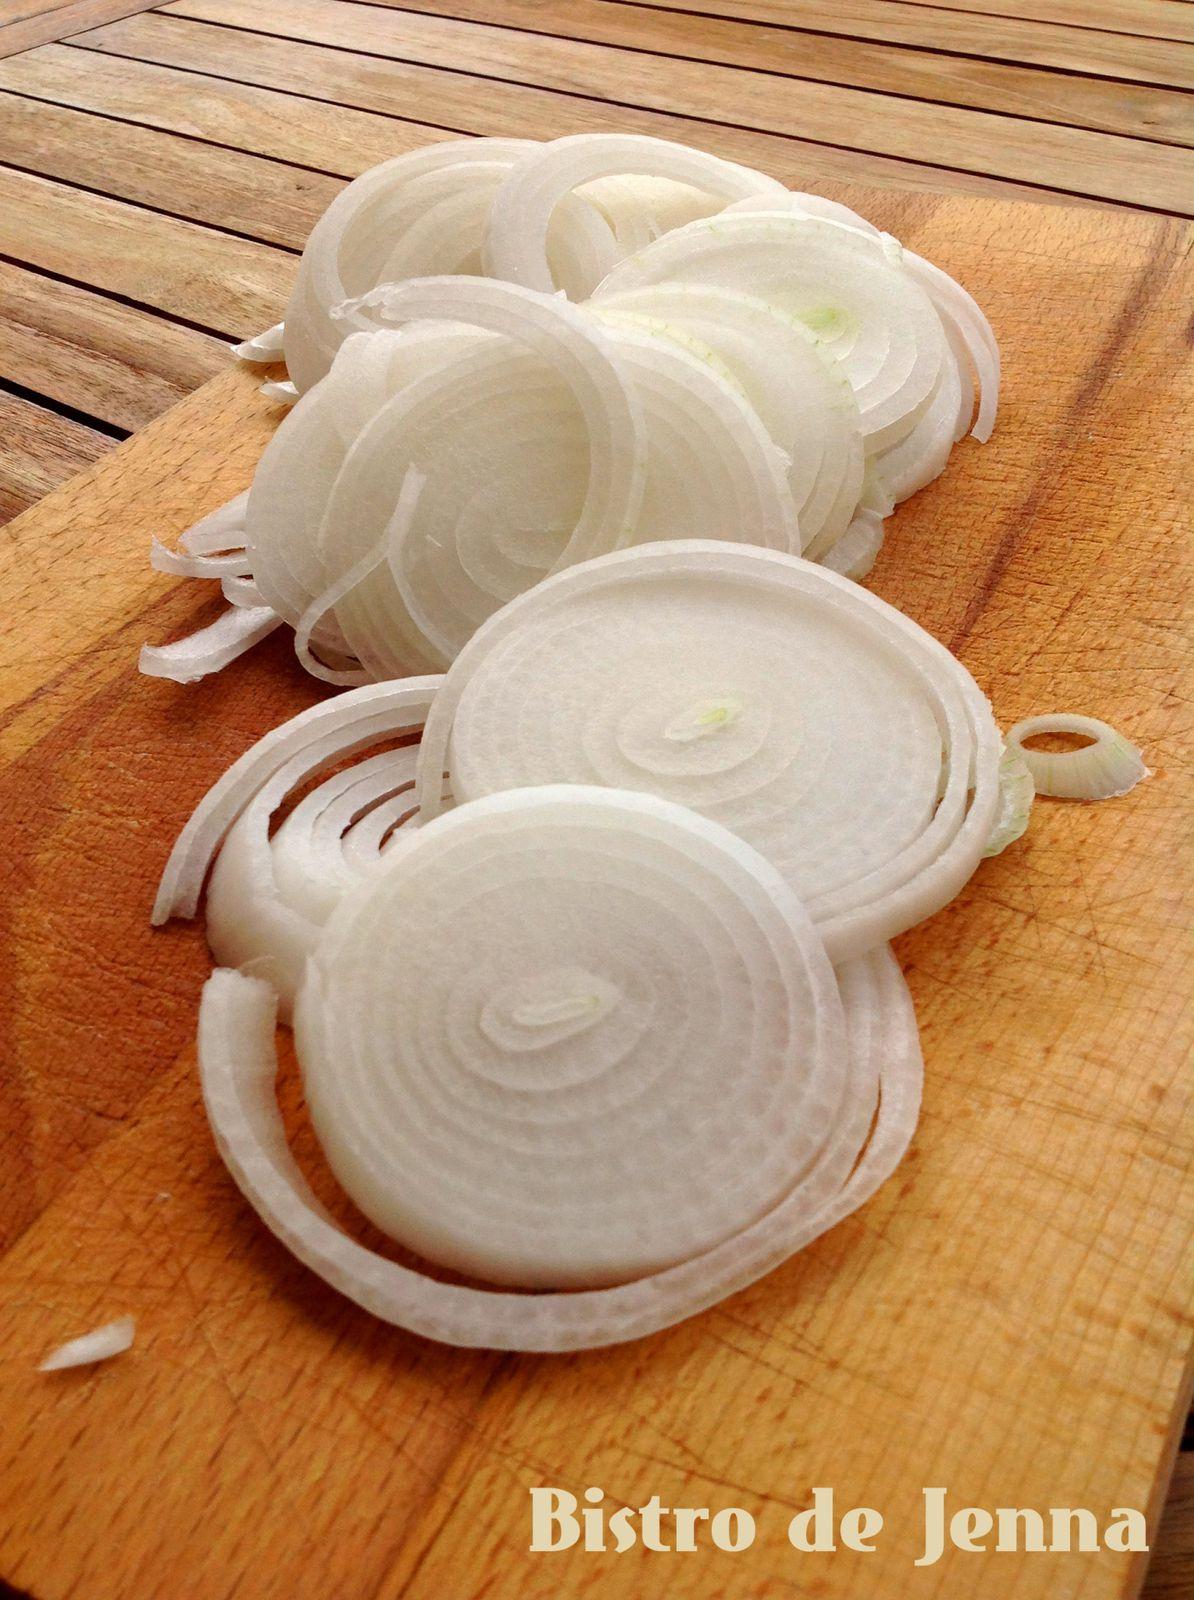 Oignons blanc nouveaux